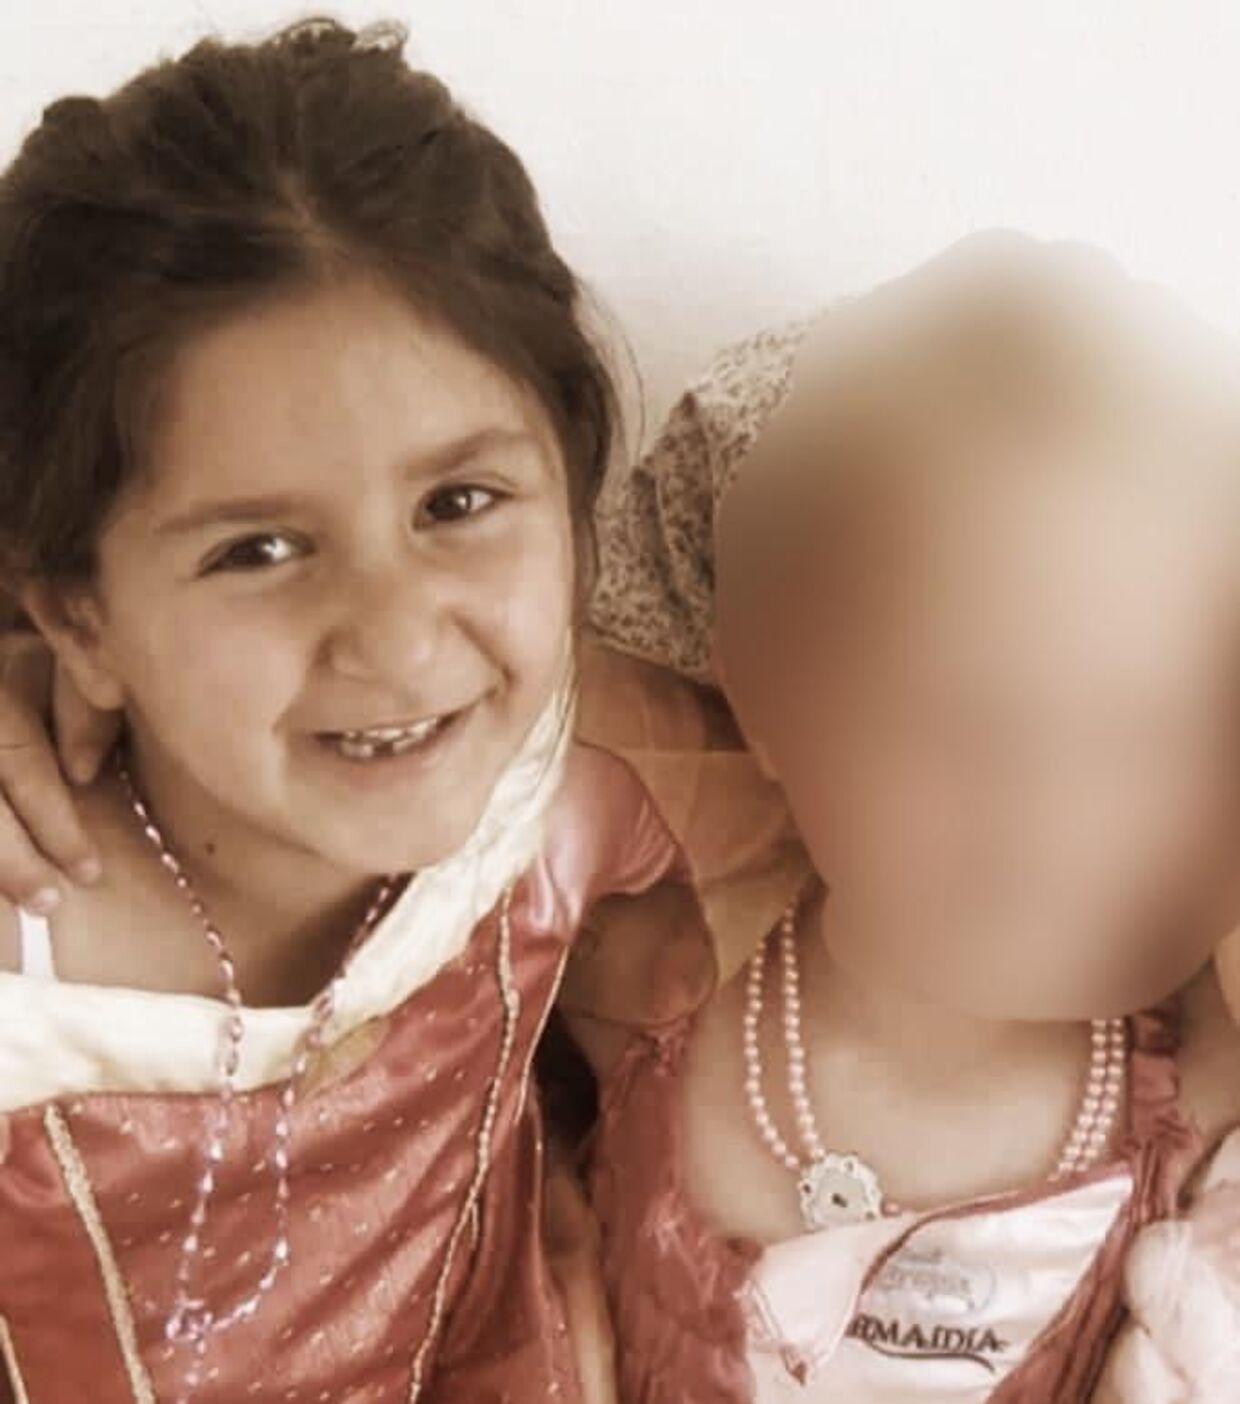 Sarah i børnehave. Hun levede som mange andre børn i Danmark, indtil hun blev ført ulovligt ud af Danmark til irakisk Kurdistan.